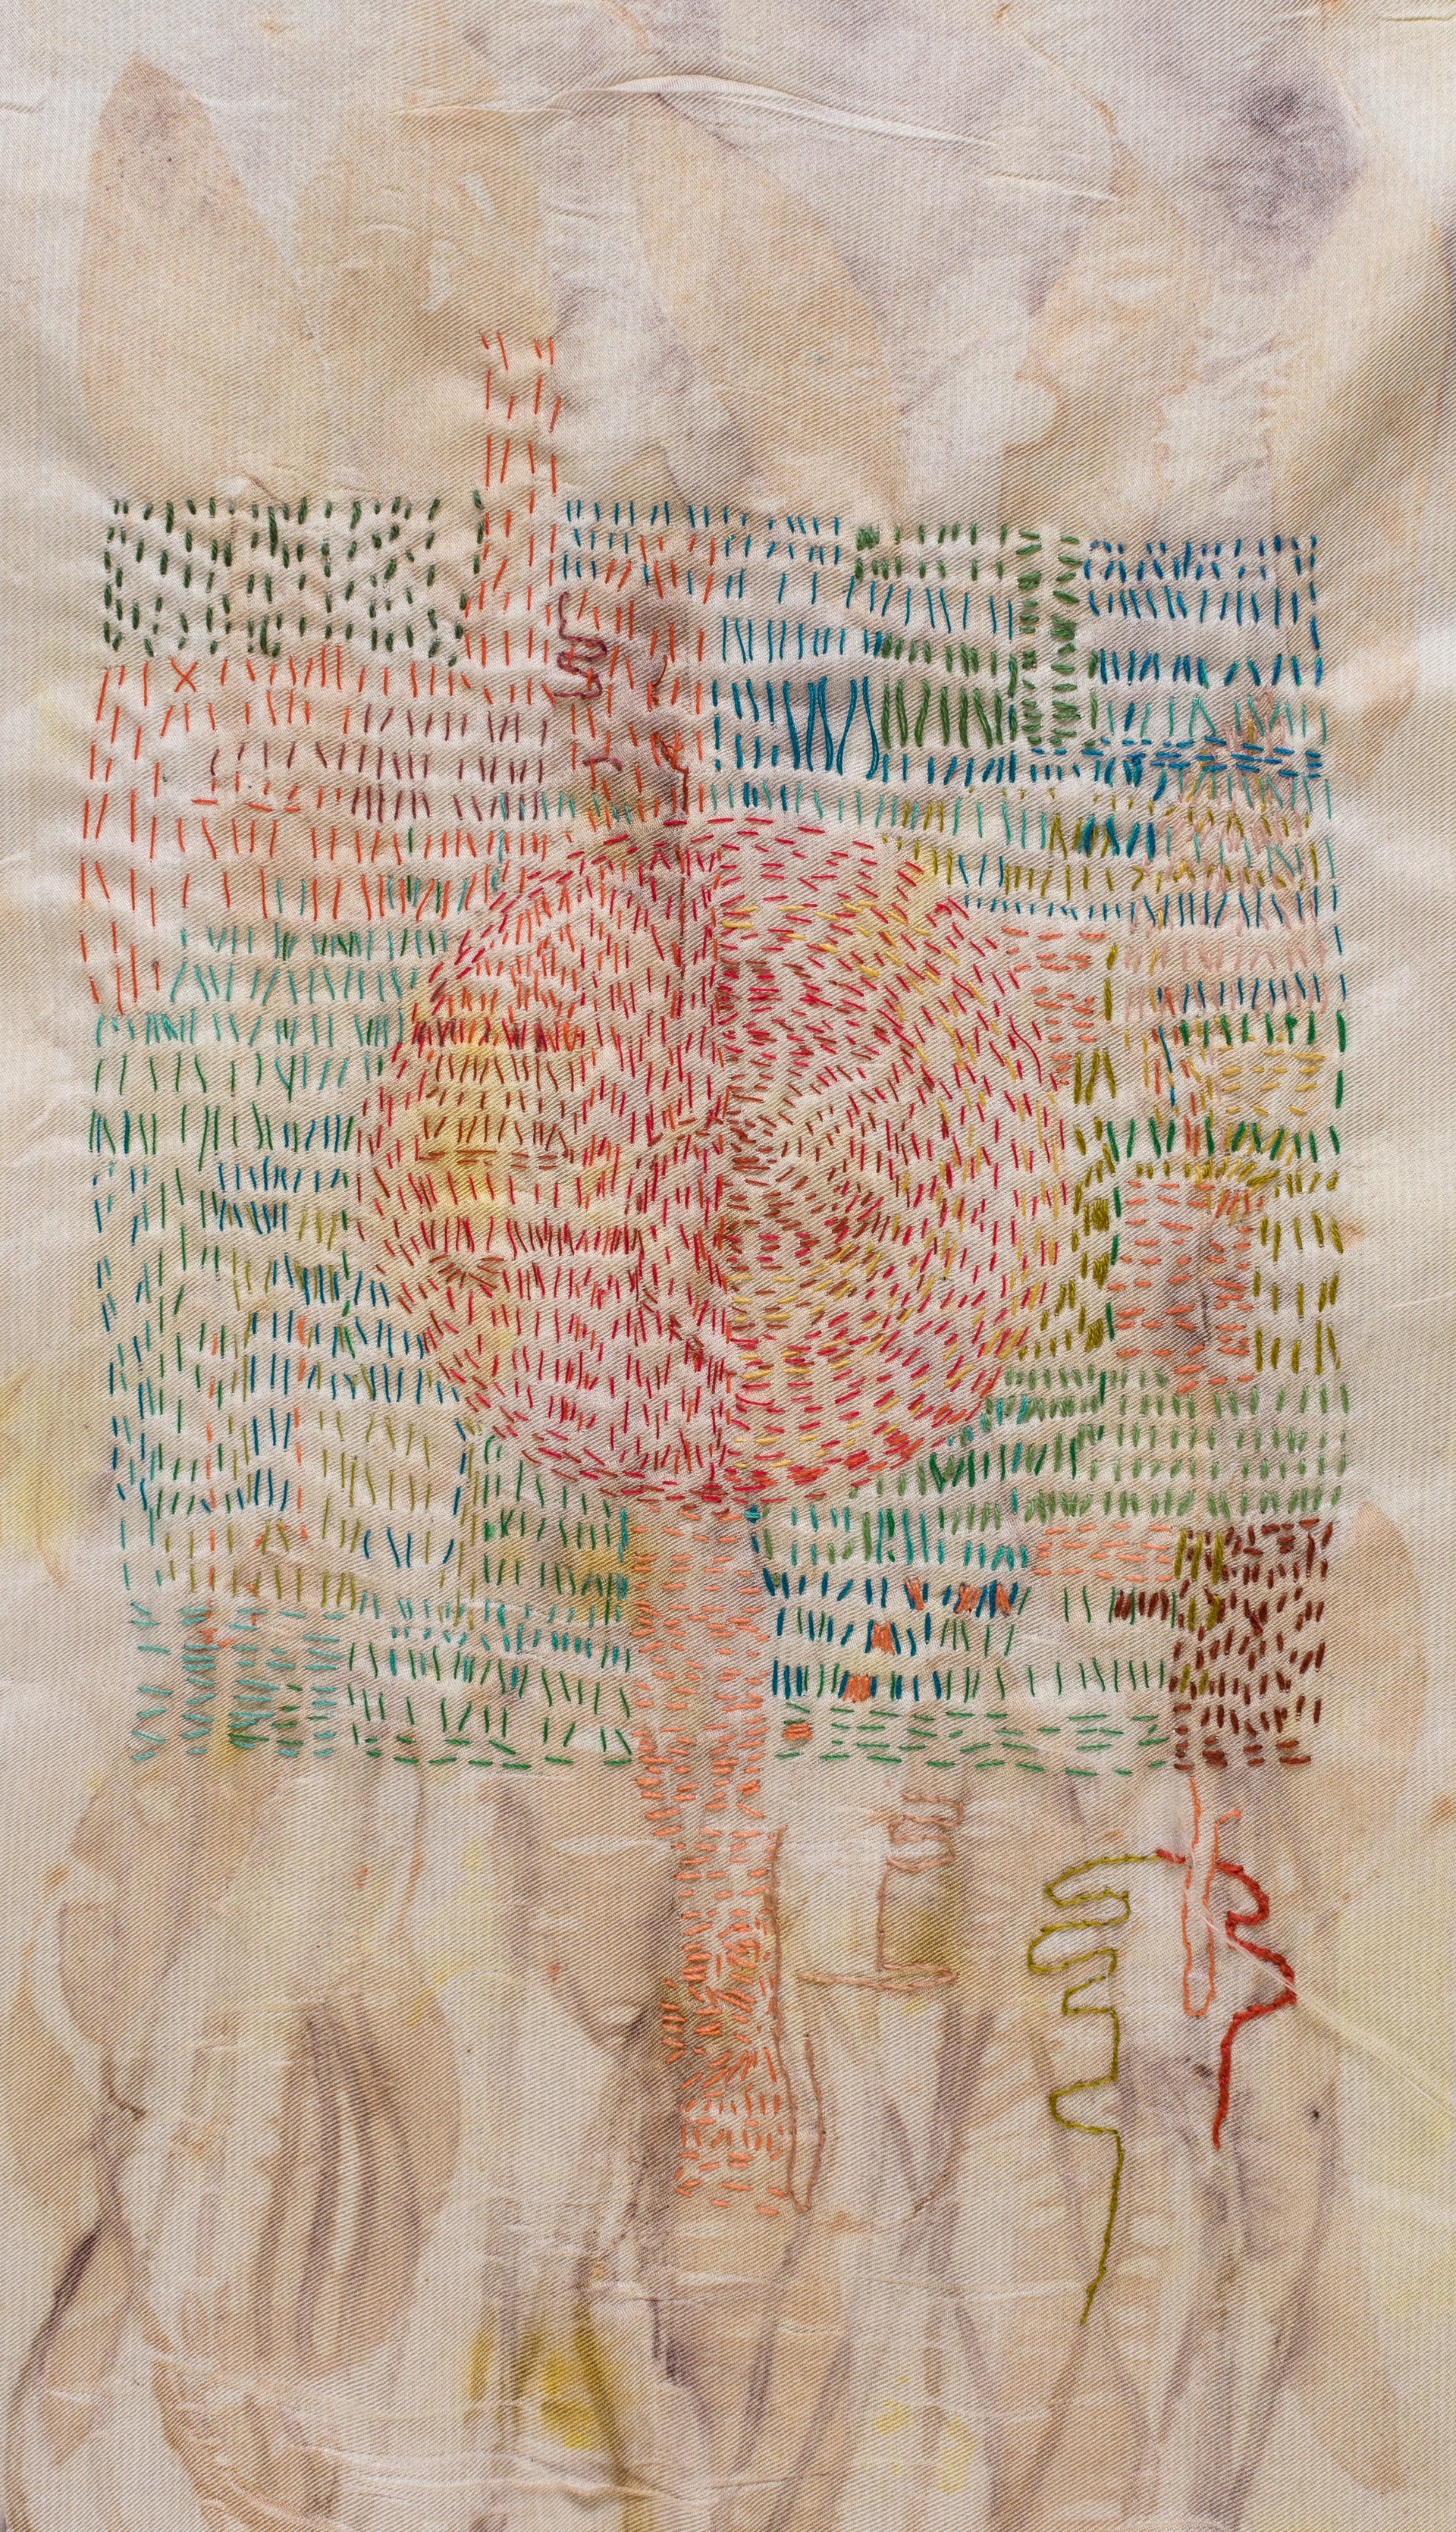 Mandala by Caryn Friedlander